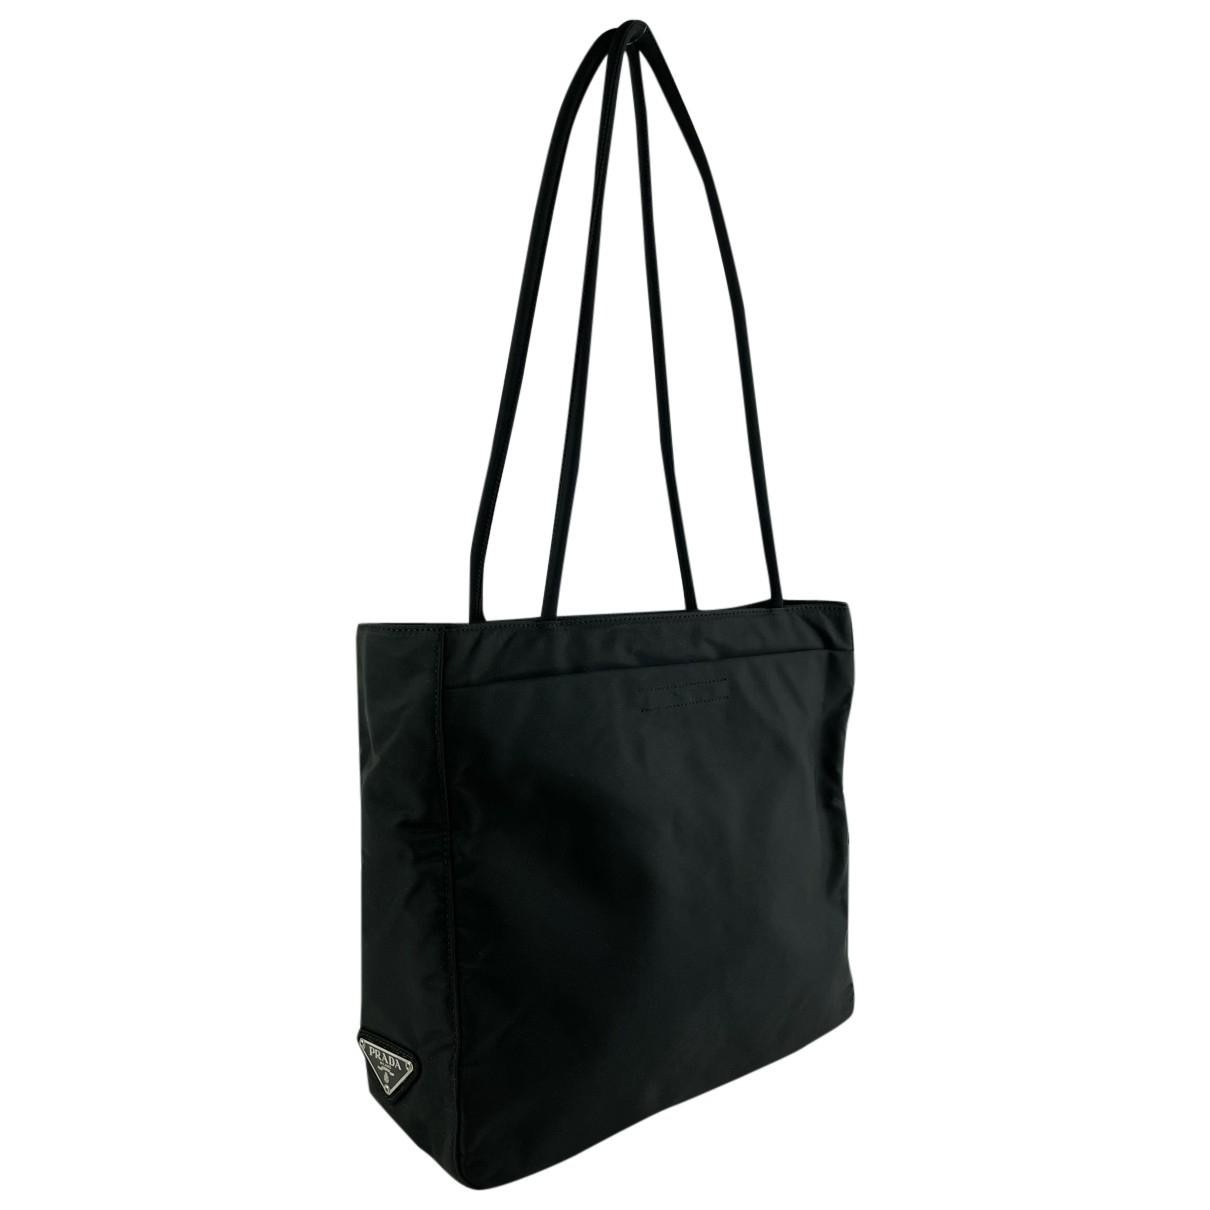 Prada Tessuto city Black handbag for Women N